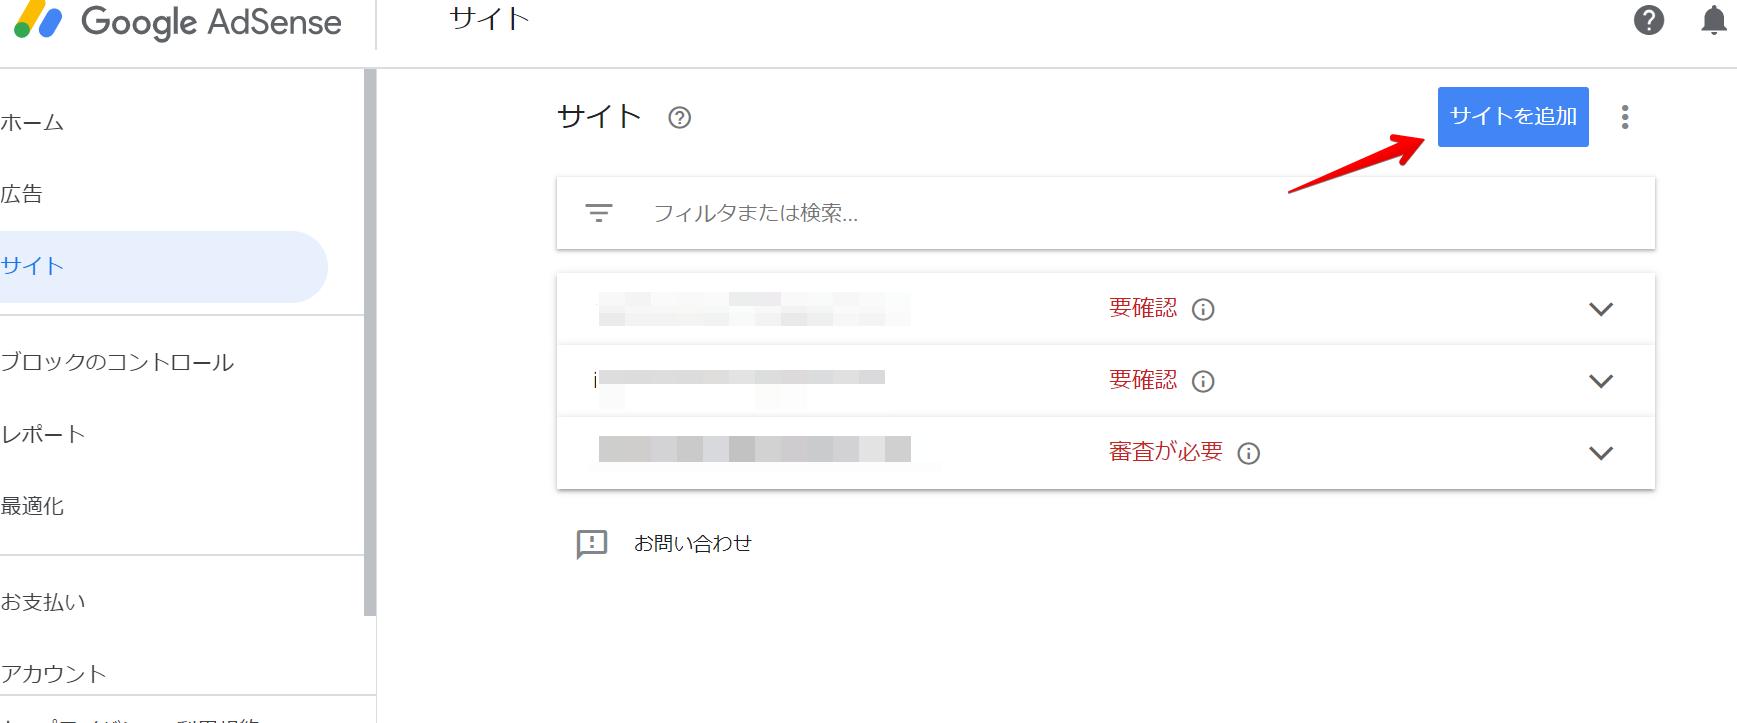 アドセンス審査01